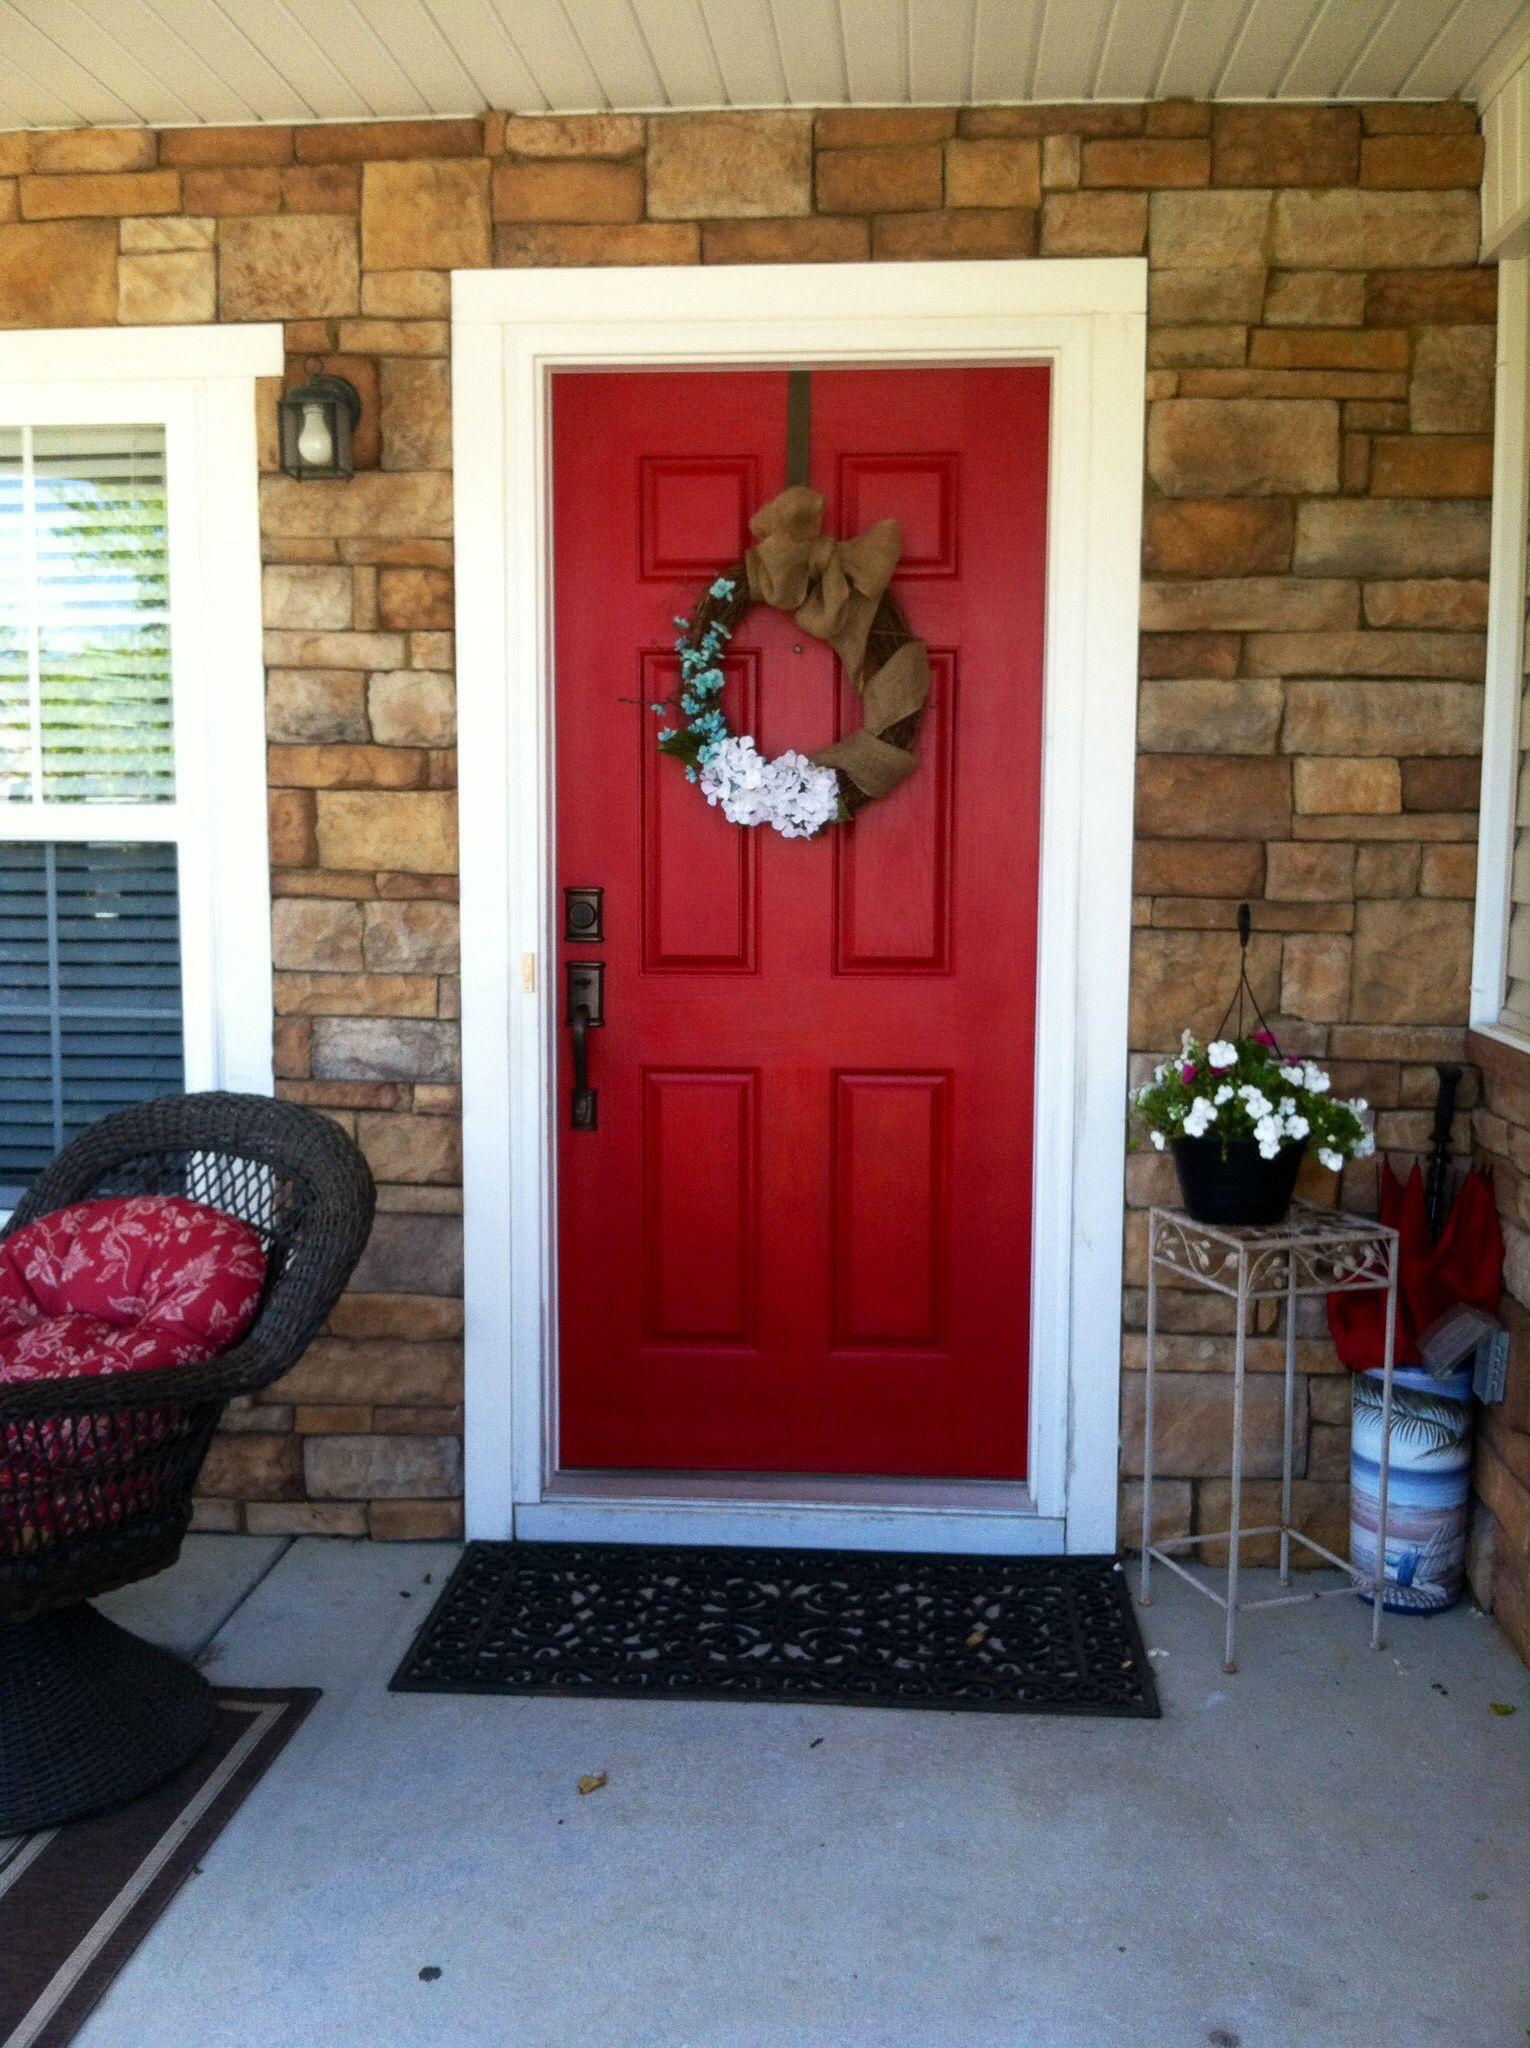 Cut Ruby Signature Valspar Color Door Was Dark Brown And